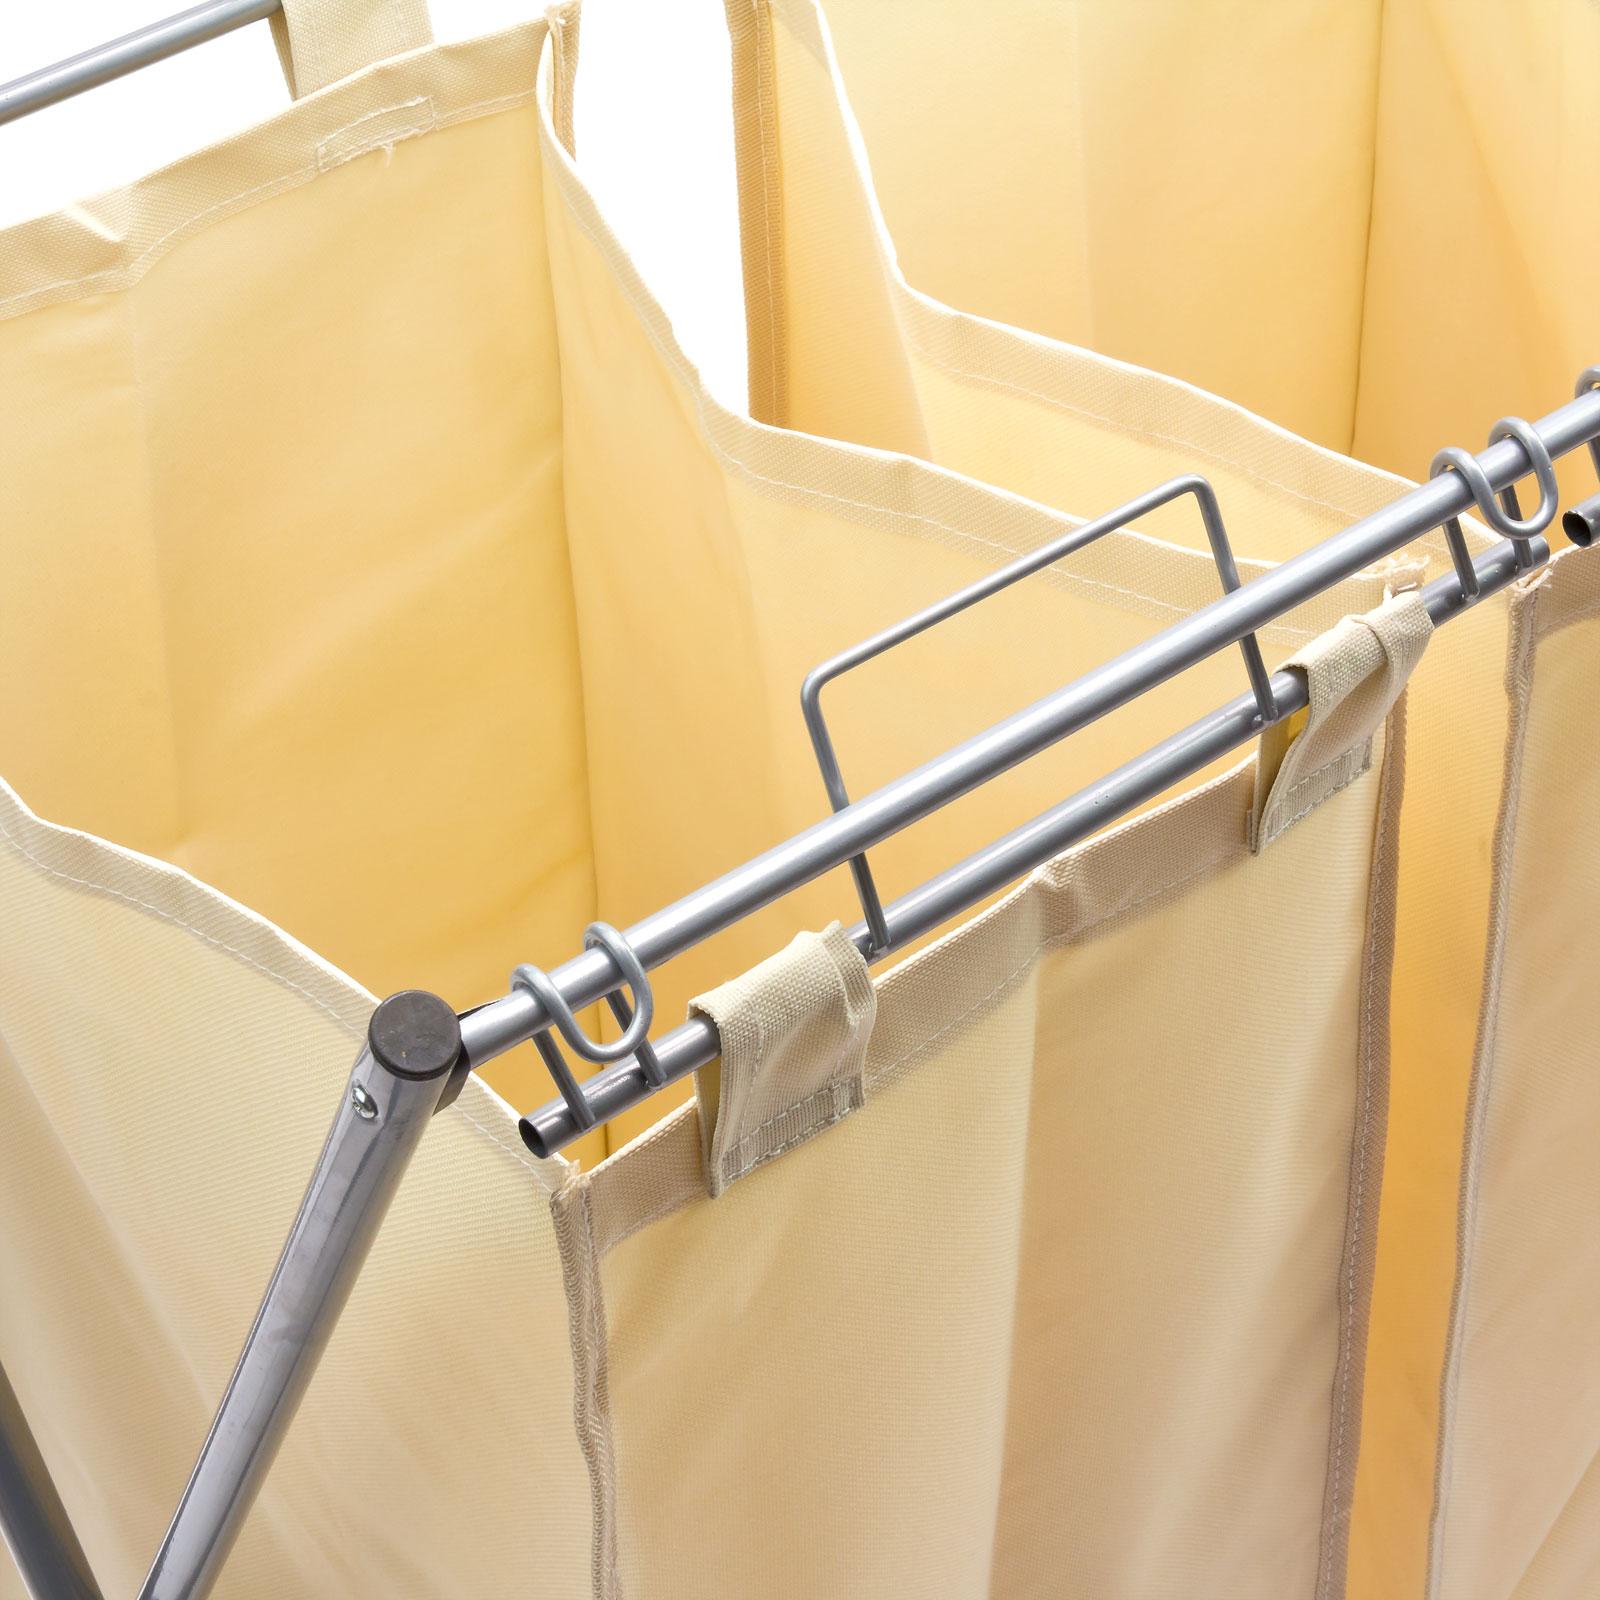 w schesortierer w schesammler 3 fach w schekorb w schest nder metall 15008 ebay. Black Bedroom Furniture Sets. Home Design Ideas